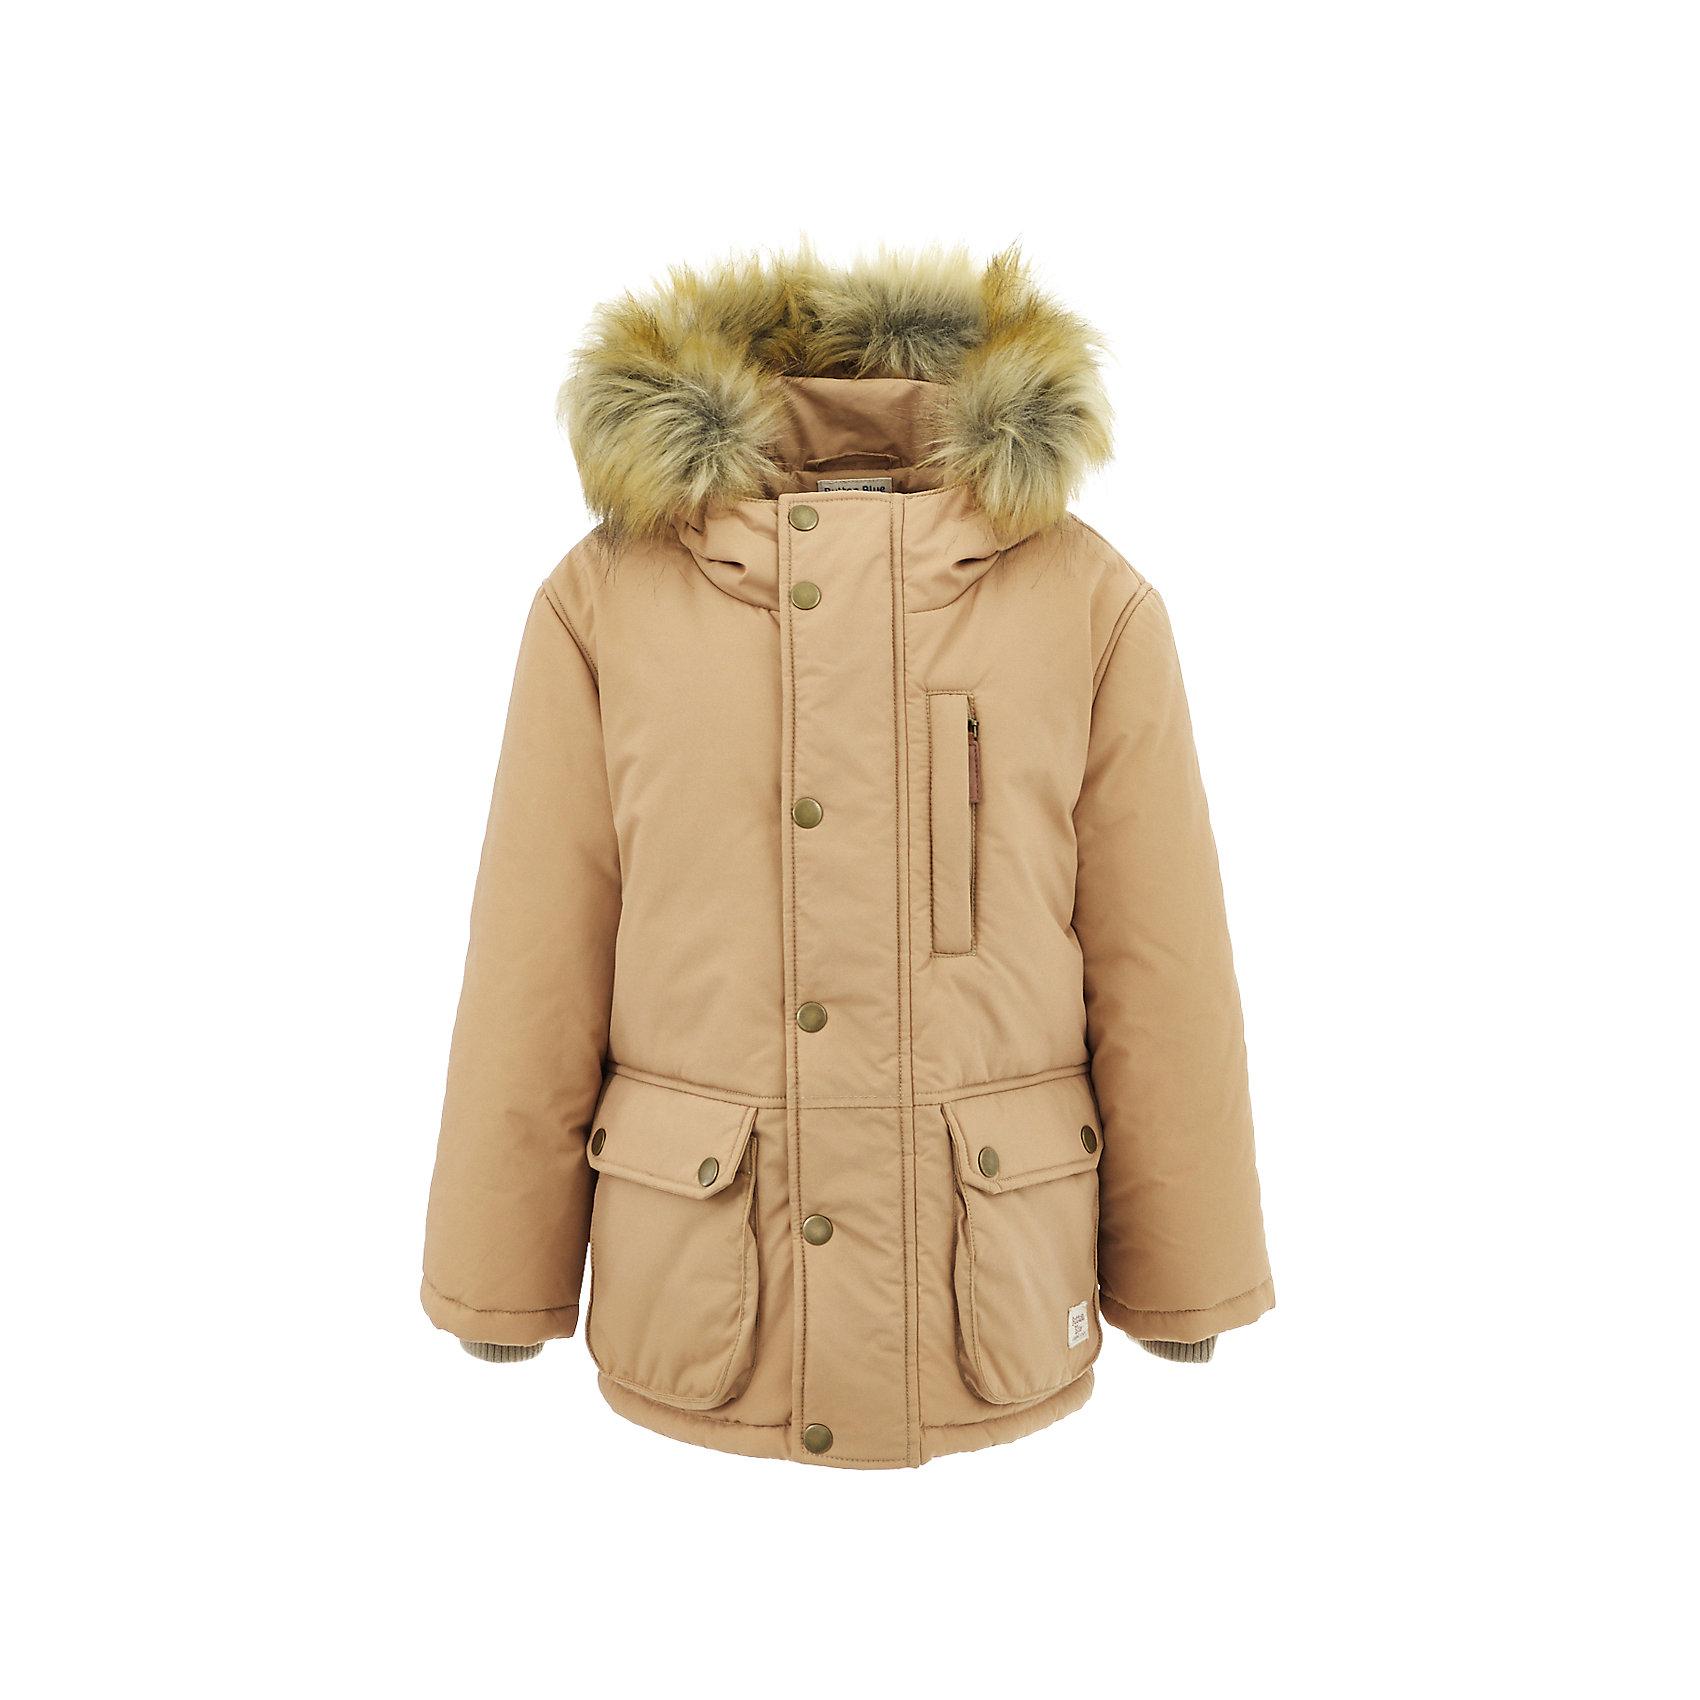 Полупальто Button Blue для мальчикаВерхняя одежда<br>Характеристики товара:<br><br>• цвет: бежевый;<br>• состав: 100% нейлон;<br>• подкладка: 100% полиэстер, 100% хлопок;<br>• утеплитель: 100% полиэстер;<br>• сезон: зима;<br>• температурный режим: от 0 до -20С;<br>• застежка: молния по всей длине с дополнительной планкой на кнопках;<br>• защита подбородка от защемления;<br>• капюшон не отстегивается;<br>• искусственный мех на капюшоне;<br>• эластичные трикотажные внутренние манжеты;<br>• внутренняя утяжка со стопером по низу изделия;<br>• два кармана на кнопках и нагрудный карман на молнии;<br>• страна бренда: Россия;<br>• страна изготовитель: Китай.<br><br>Зимняя куртка с капюшоном для мальчика. Куртка застегивается на молнию по всей длине. У куртки эластичные внутренние манжеты и регулируемый низ изделия. Капюшон отделан опушкой из искусственного меха.<br><br>Куртку Button Blue (Баттон Блю) можно купить в нашем интернет-магазине.<br><br>Ширина мм: 356<br>Глубина мм: 10<br>Высота мм: 245<br>Вес г: 519<br>Цвет: бежевый<br>Возраст от месяцев: 144<br>Возраст до месяцев: 156<br>Пол: Мужской<br>Возраст: Детский<br>Размер: 158,110,116,122,128,134,140,146,152<br>SKU: 7038946